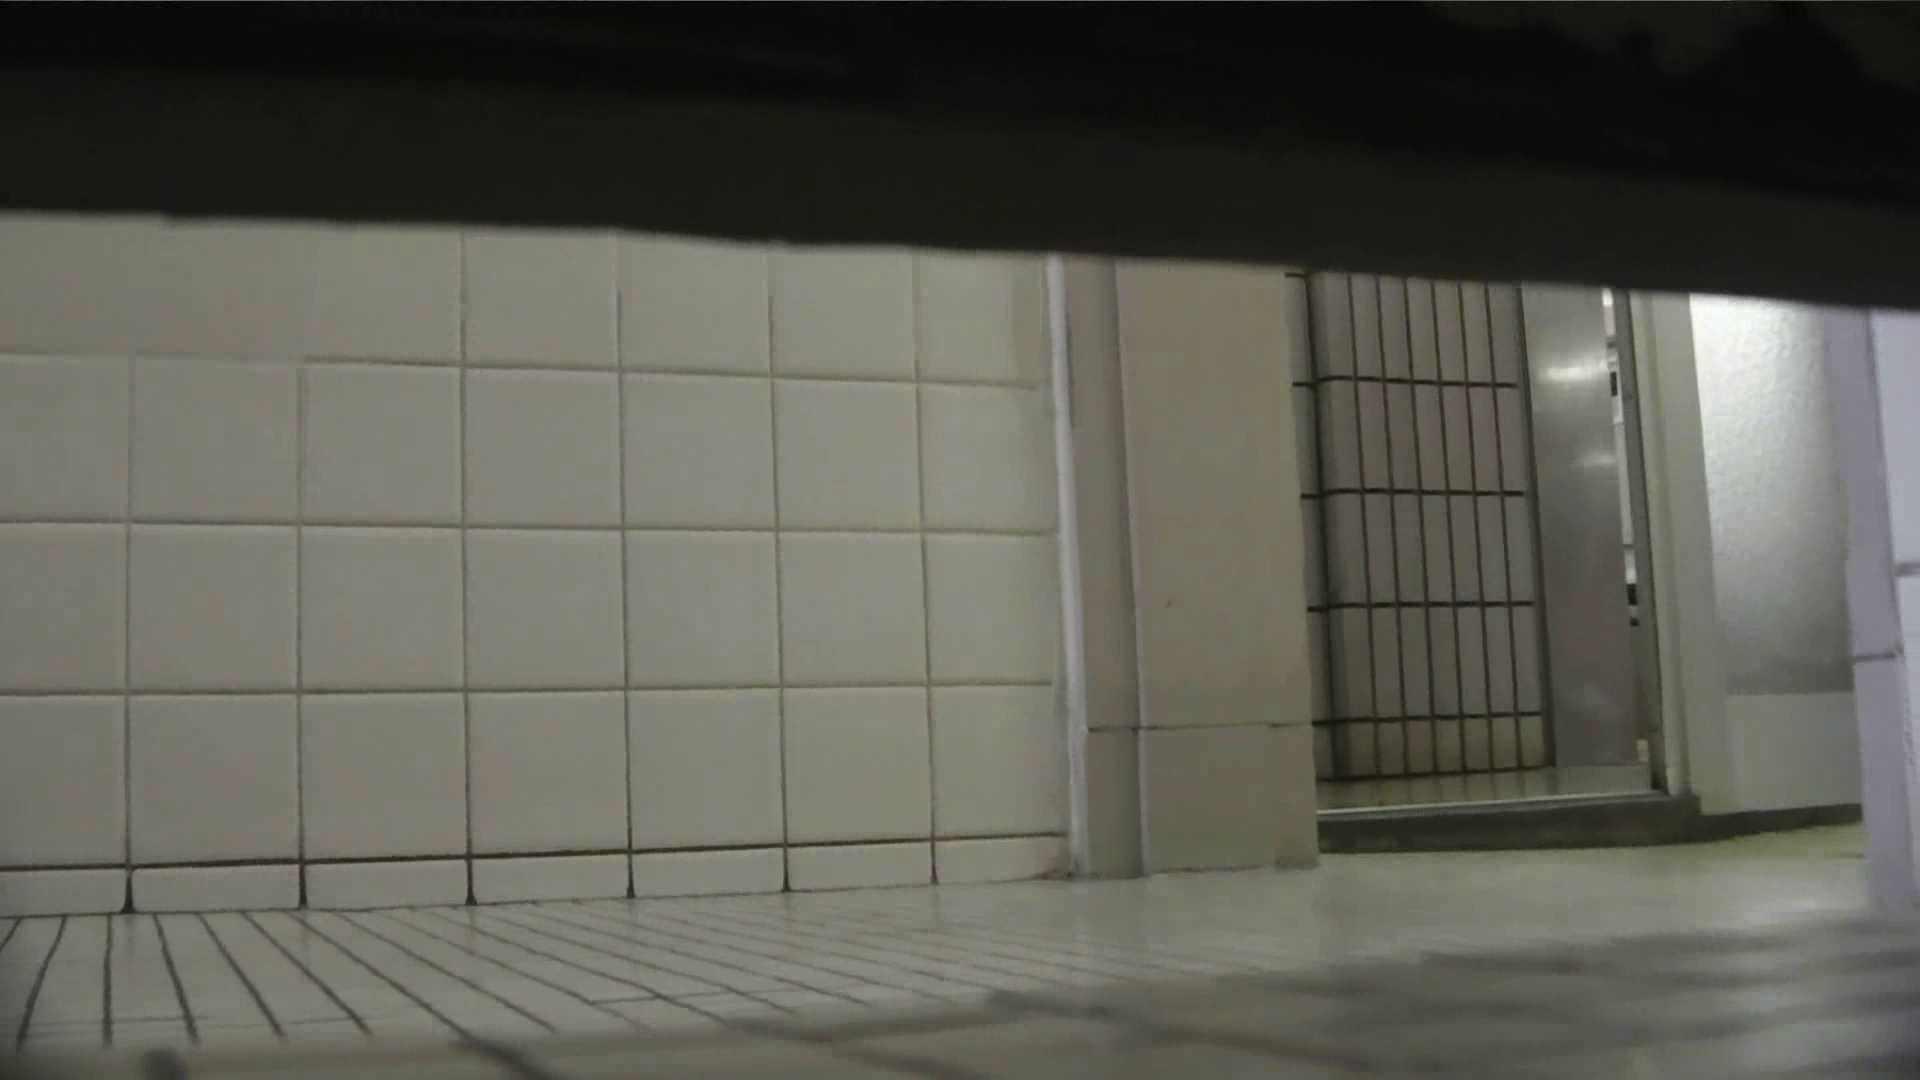 【美しき個室な世界】 vol.018 ピンクのおネエタン 洗面所  82pic 15